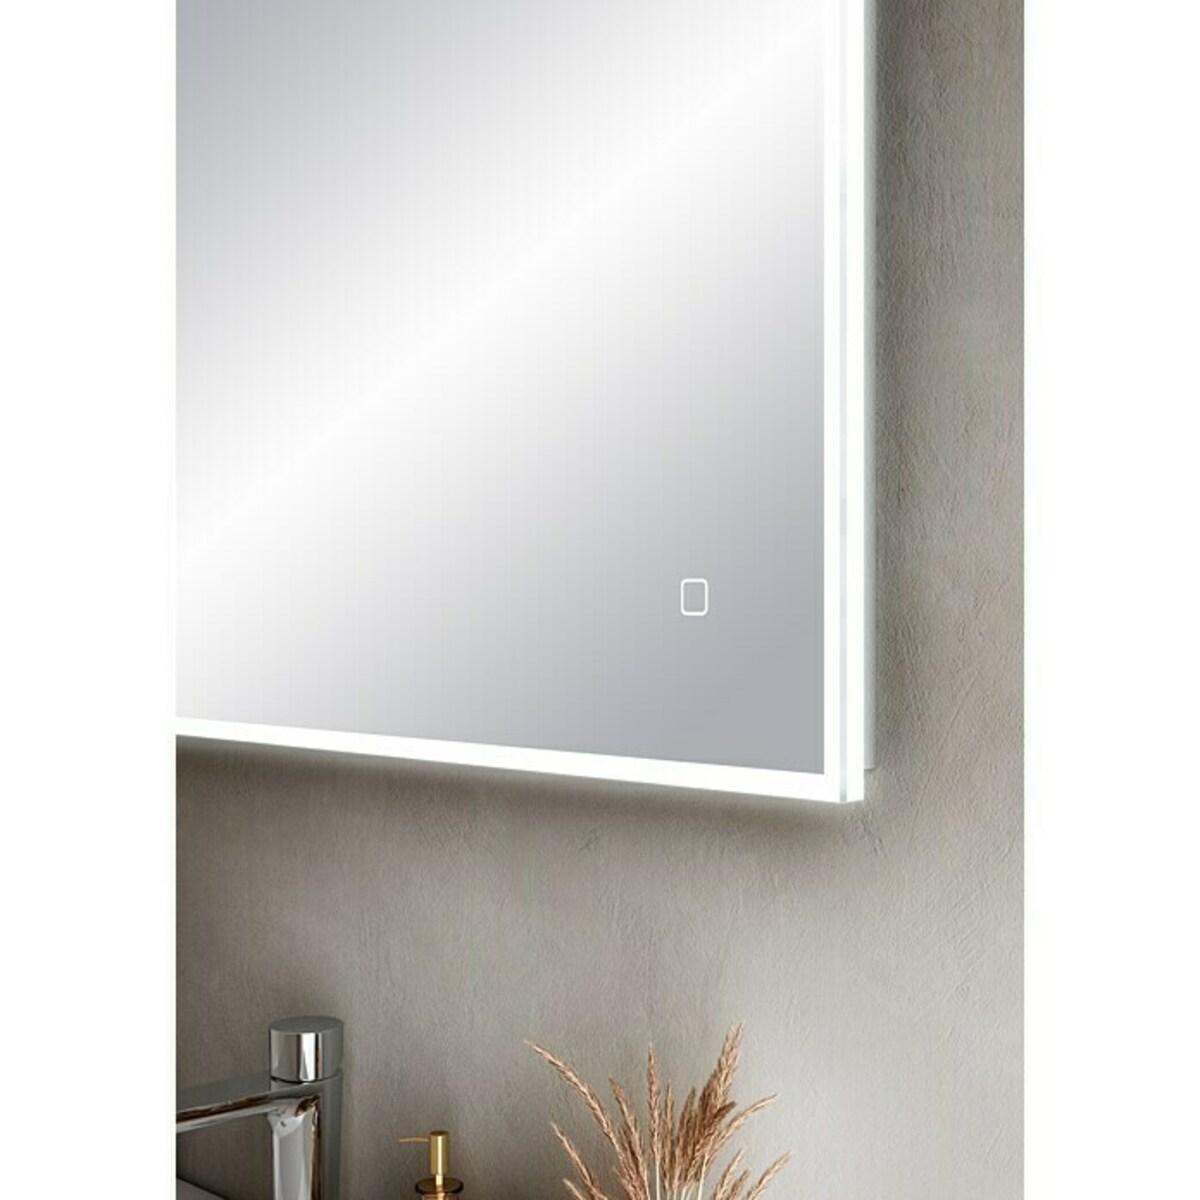 Bild 5 von Riva Tape LED-Lichtspiegel